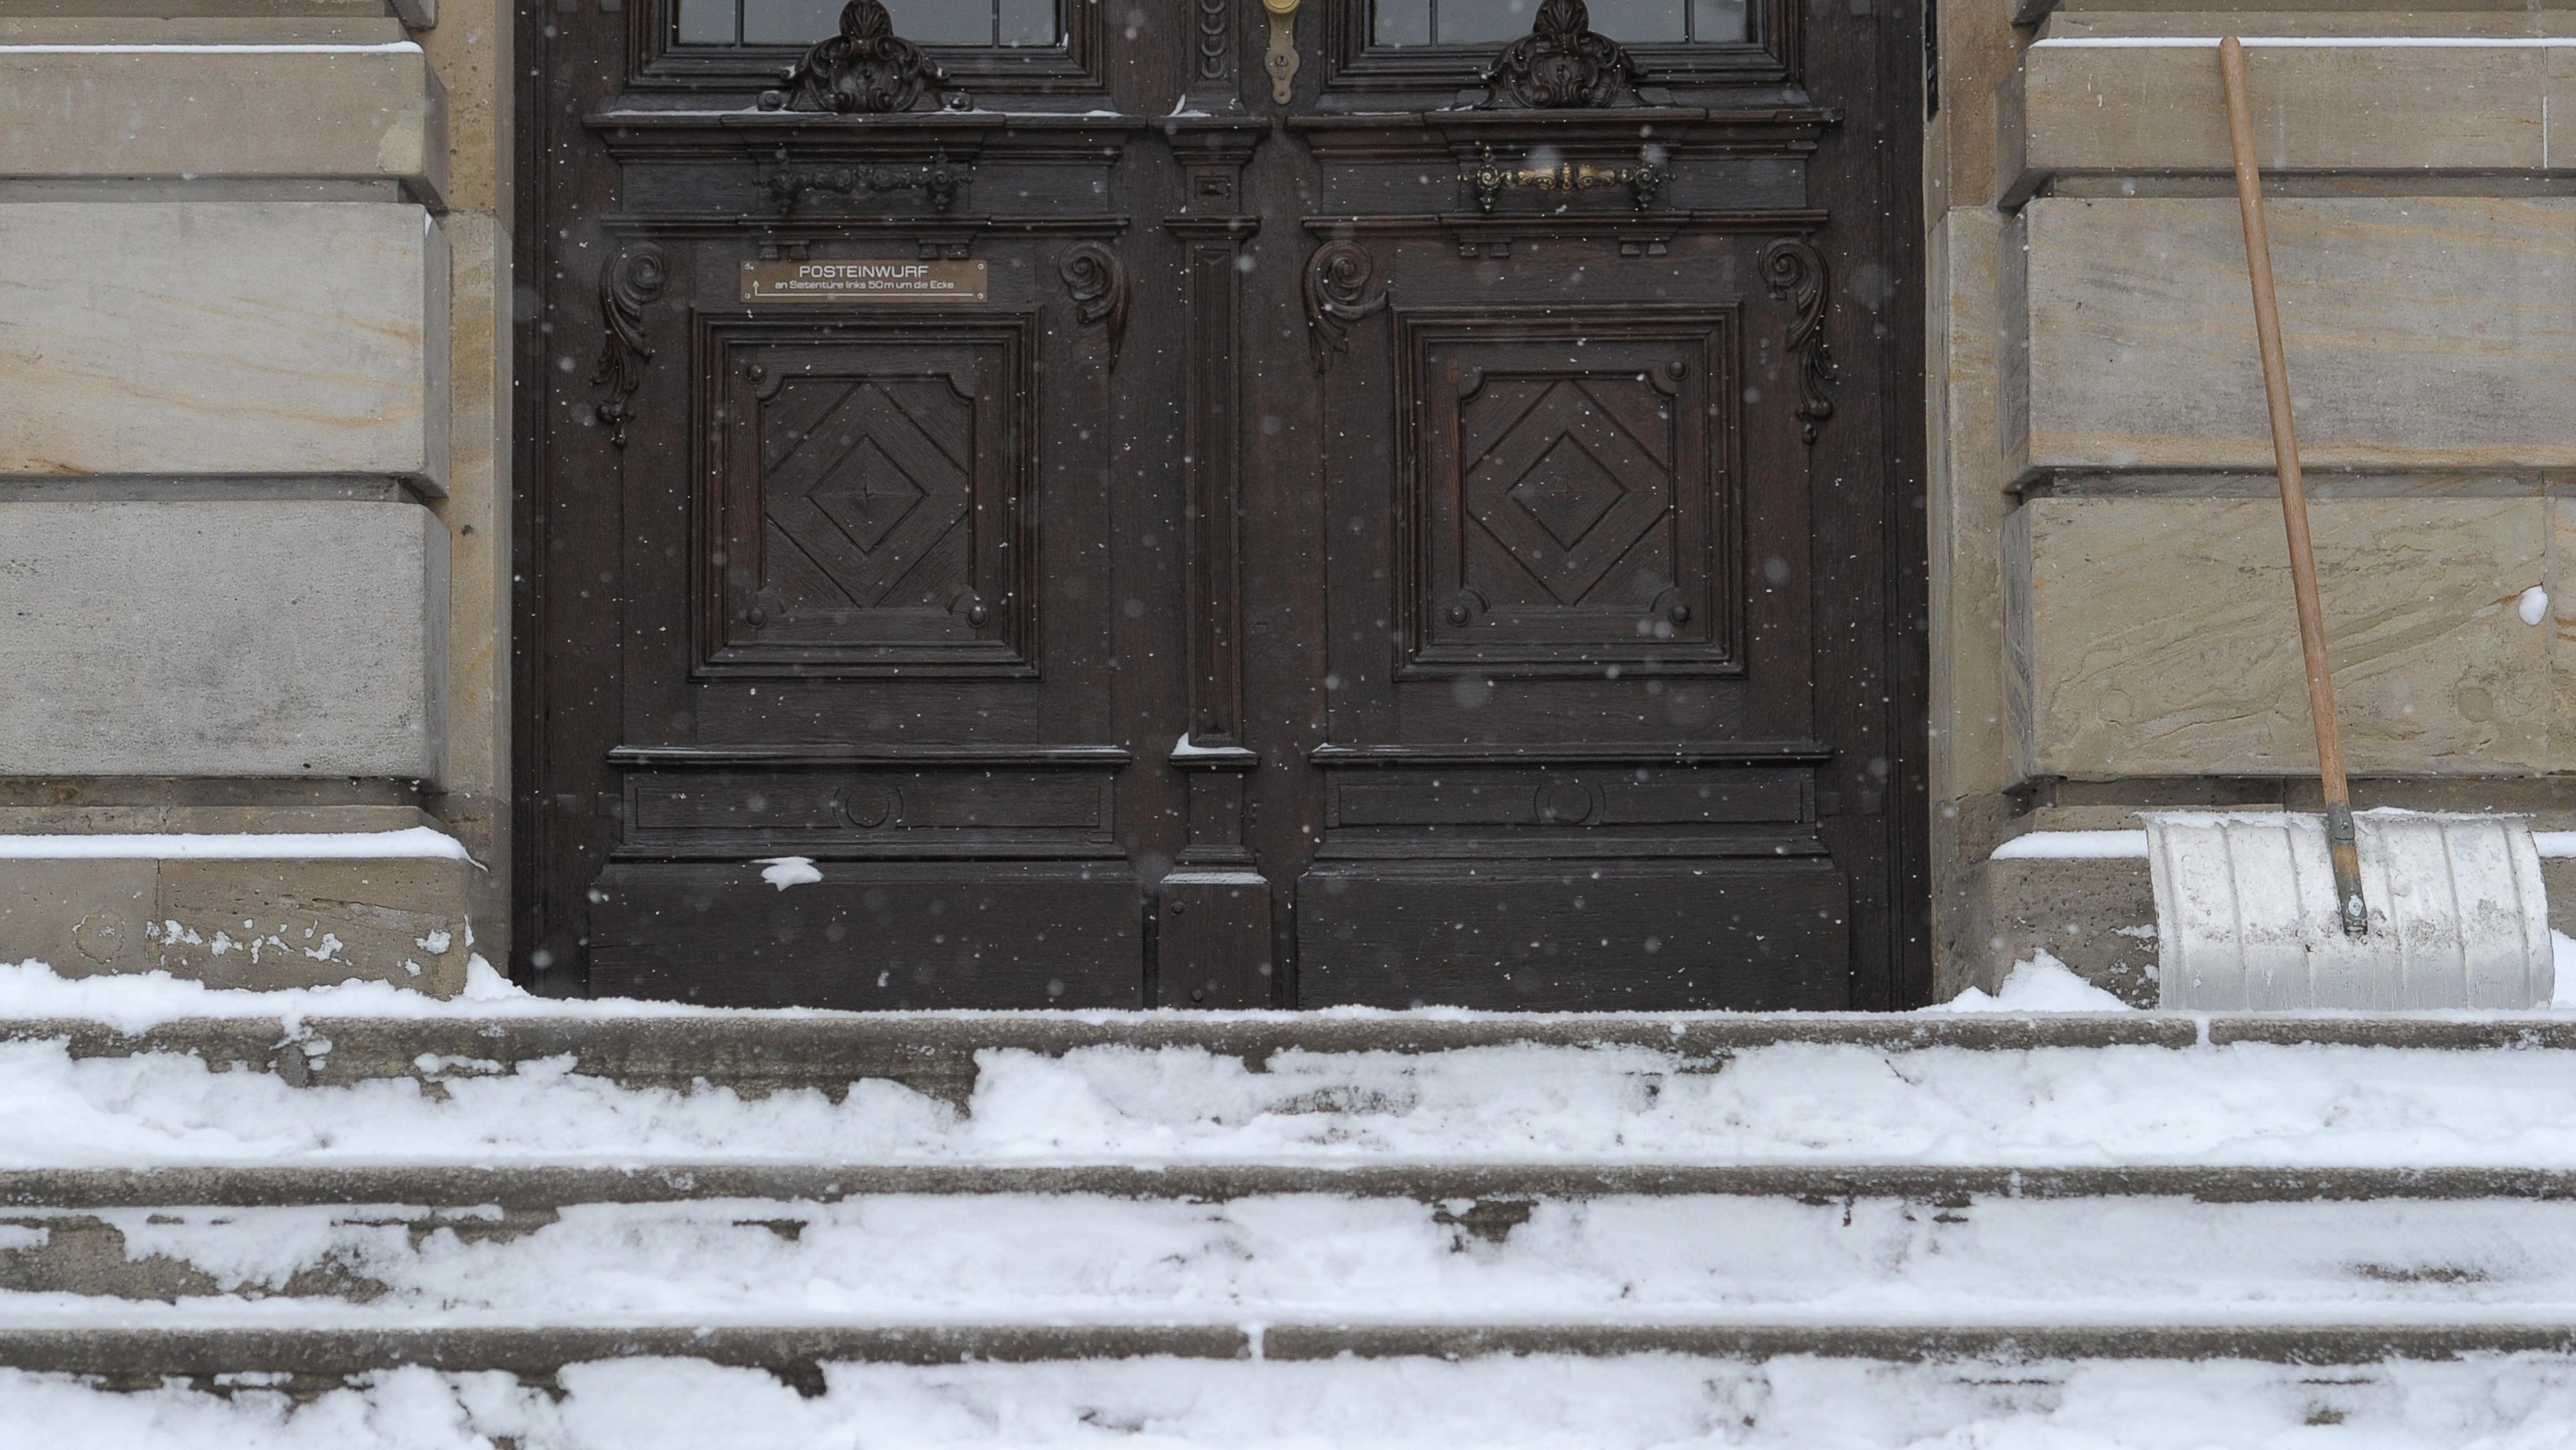 Eingangstür einer wegen starkem Schneefall geschlossenen Schule.